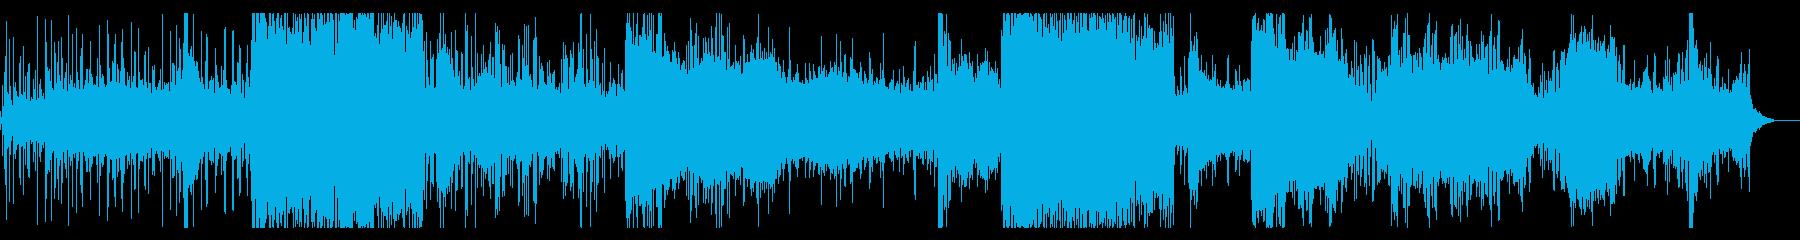 グリッジが印象的なIDMの再生済みの波形